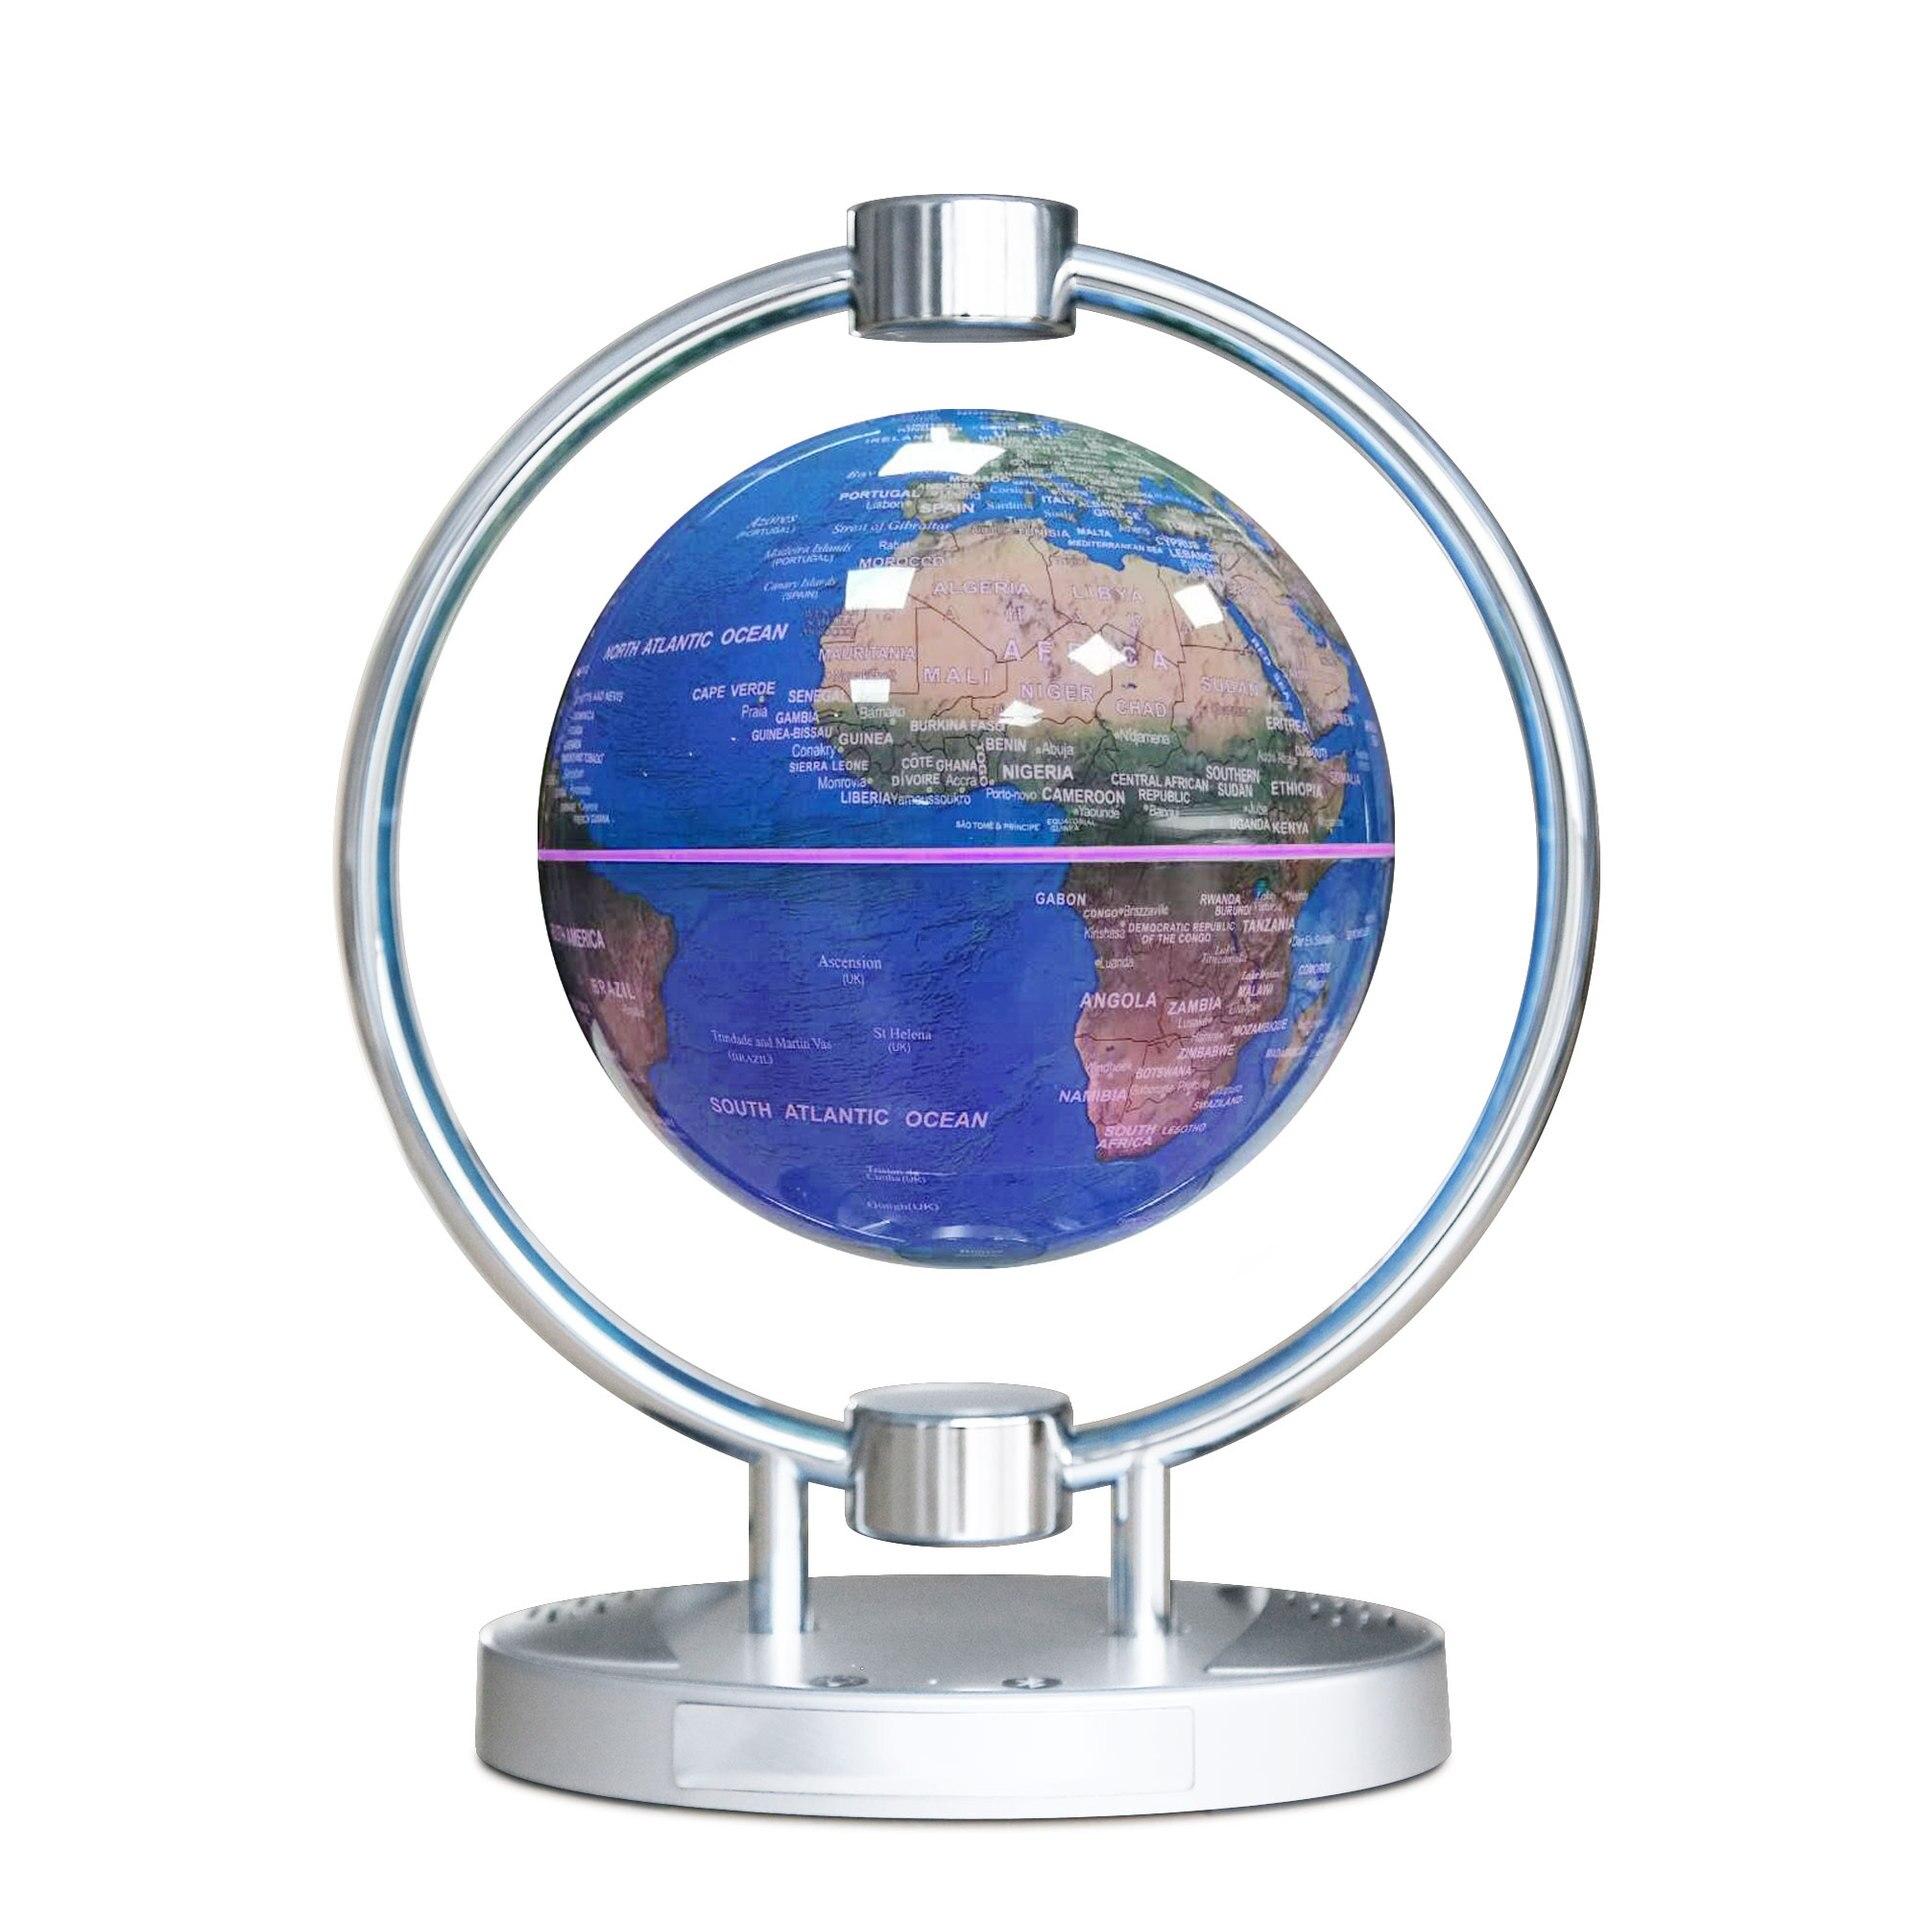 Магнитный левитационный Плавающий глобус, 6 антигравитационная карта мира Созвездие спиннинг шар с сенсорным управлением светодиодный светильник, креативный - 4